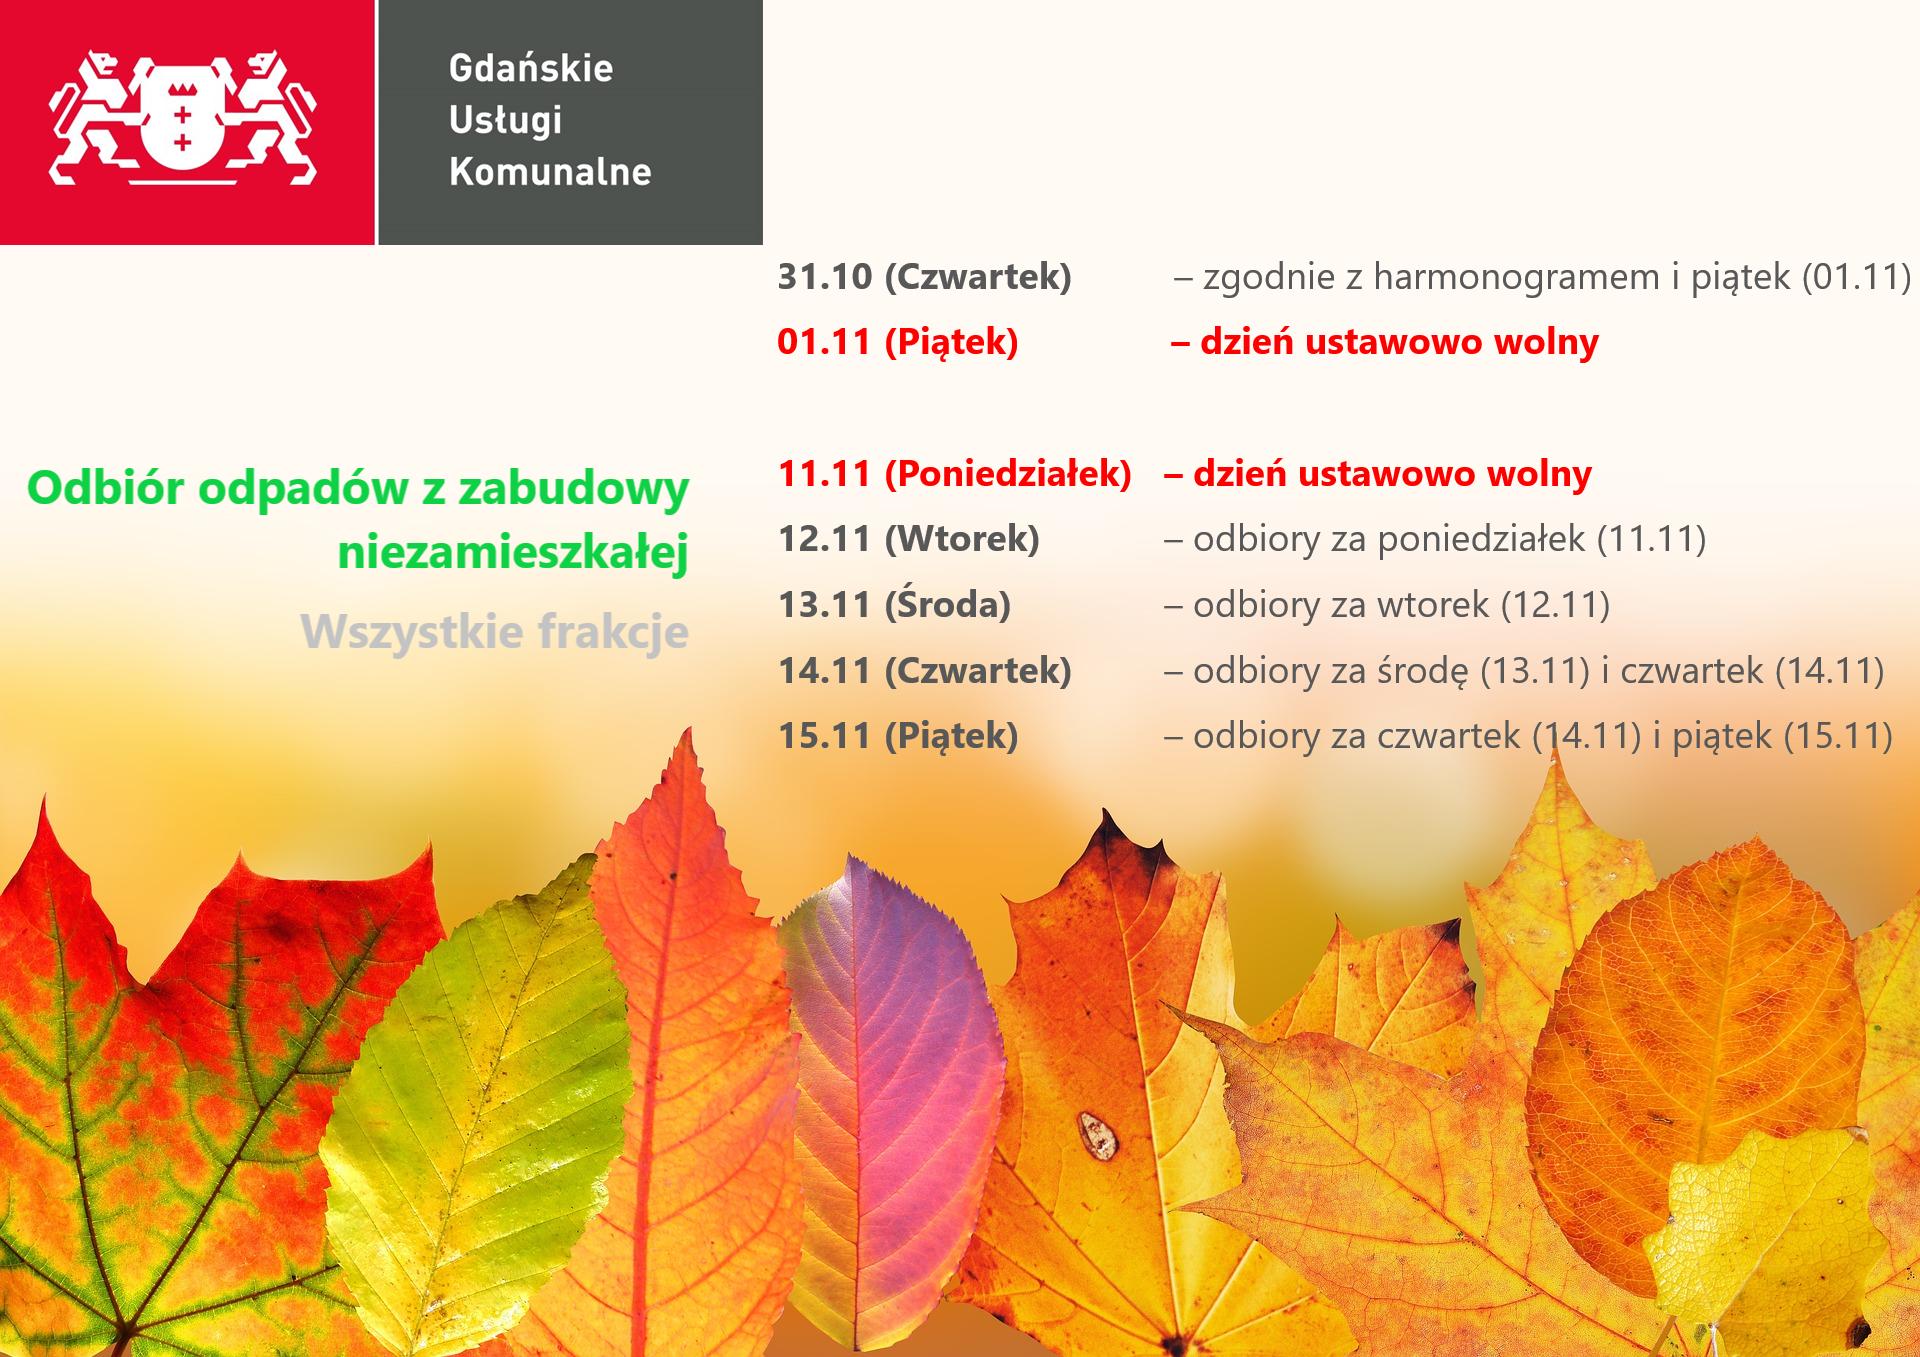 Zmiana harmonogramu odbioru odpadów w związku z 1 i 11 listopada - odbiór od firm